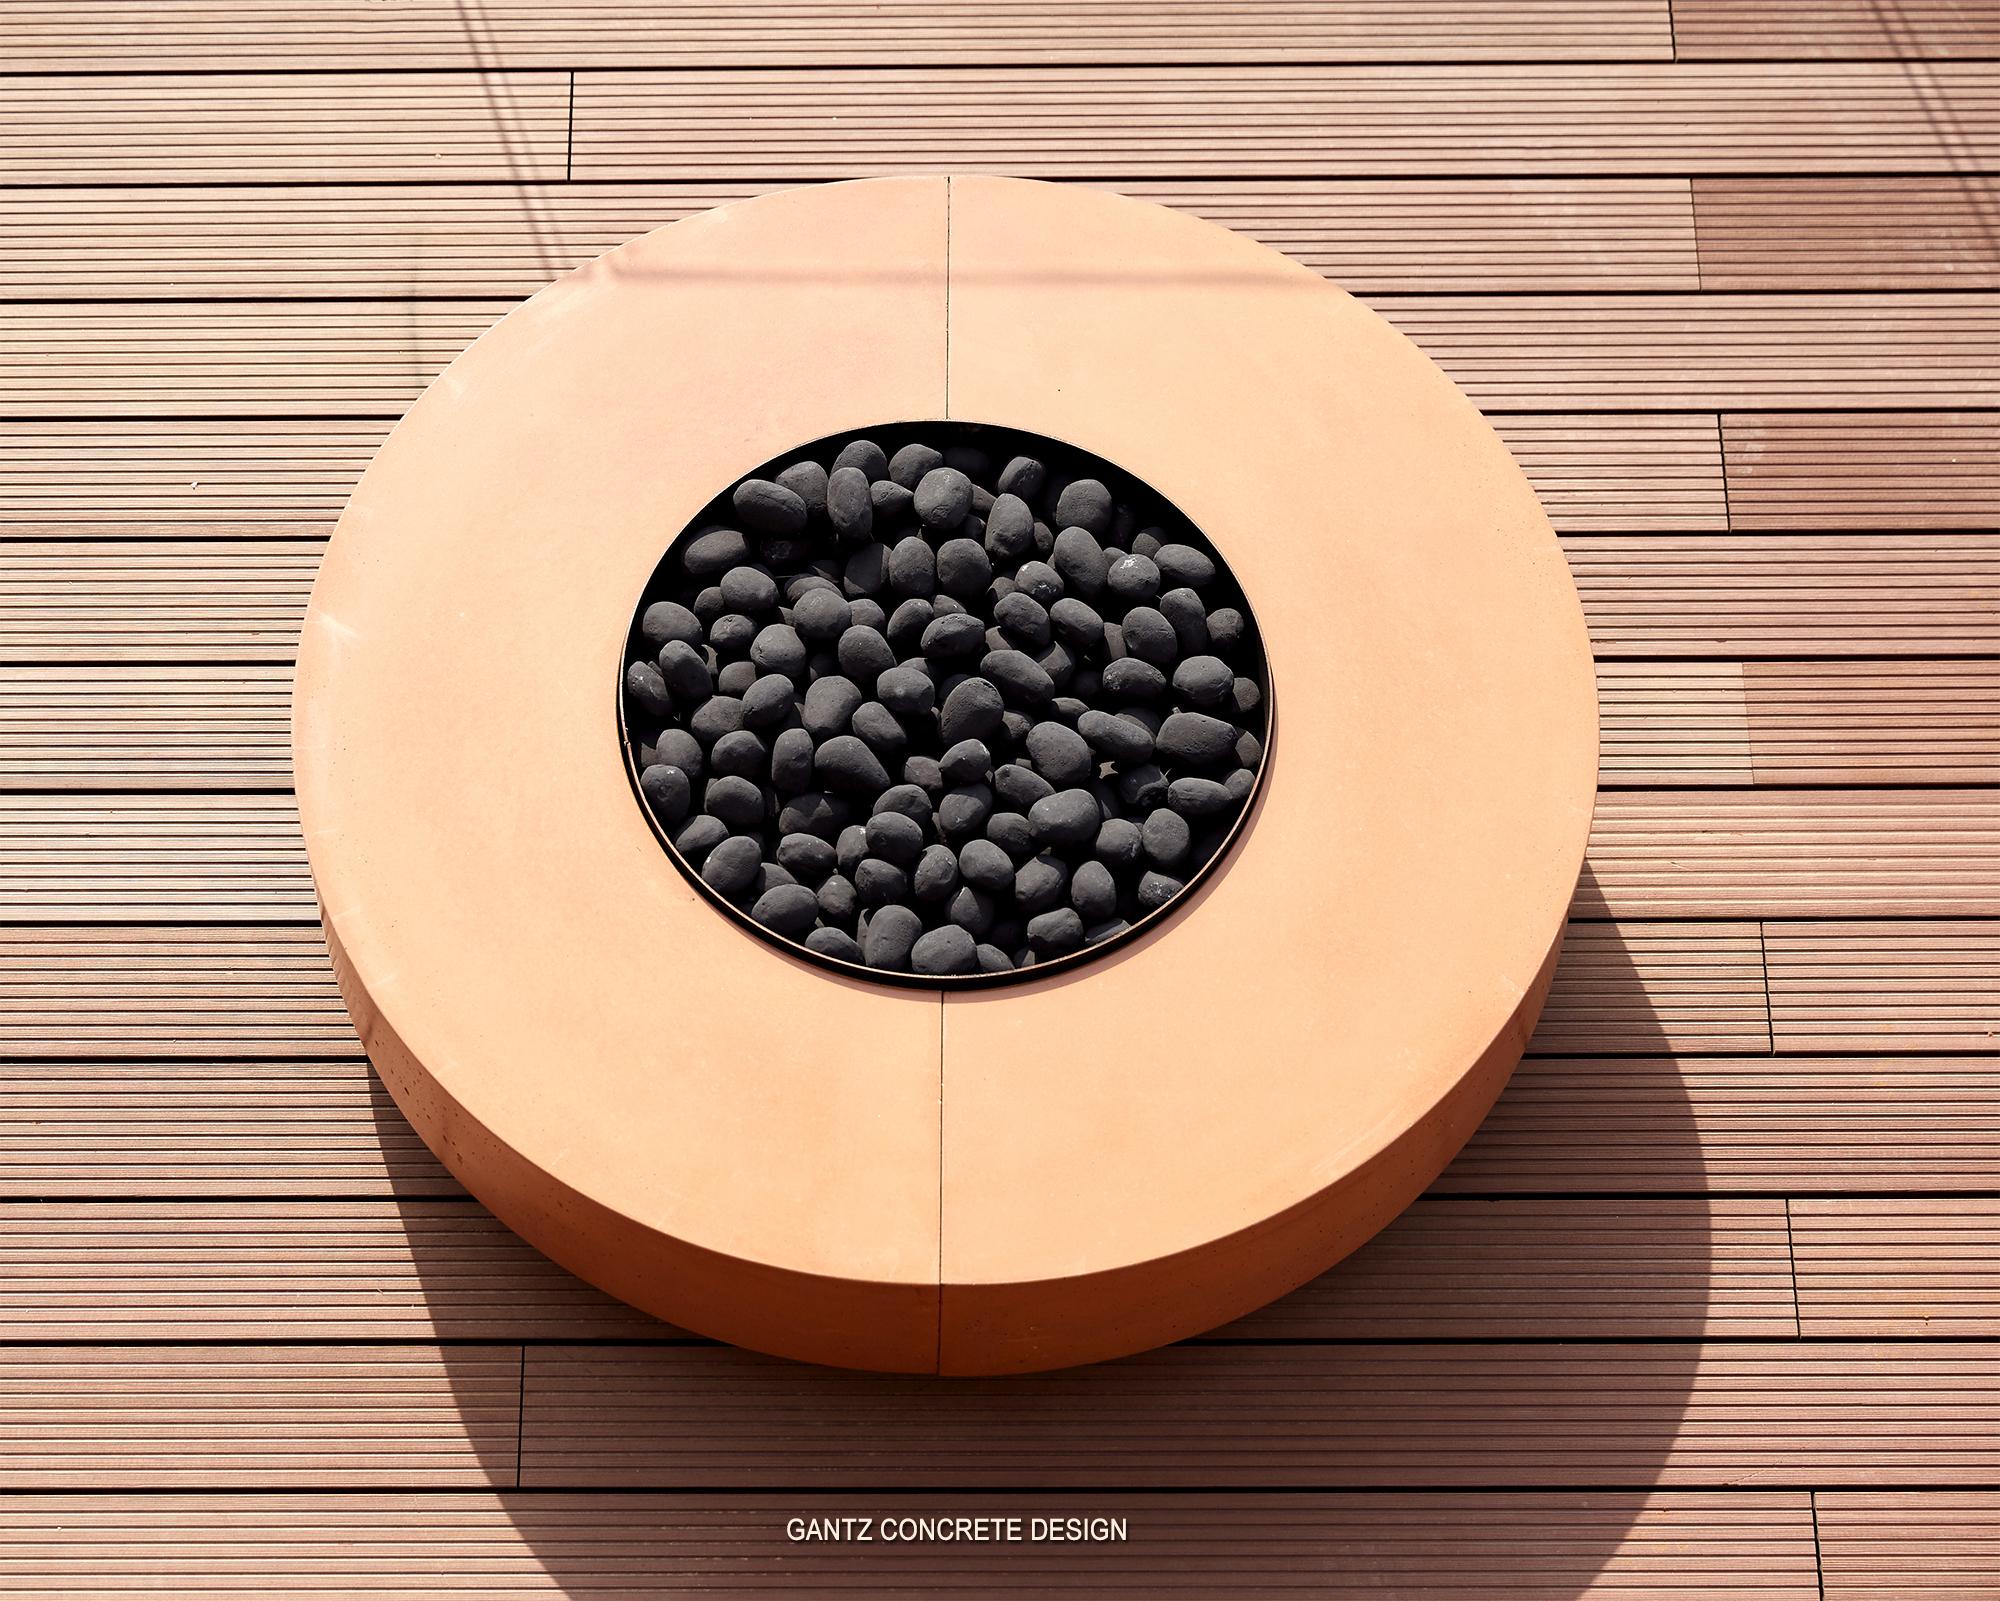 שולחן אש פיירפיט דגם TOKEN עם מבער גז